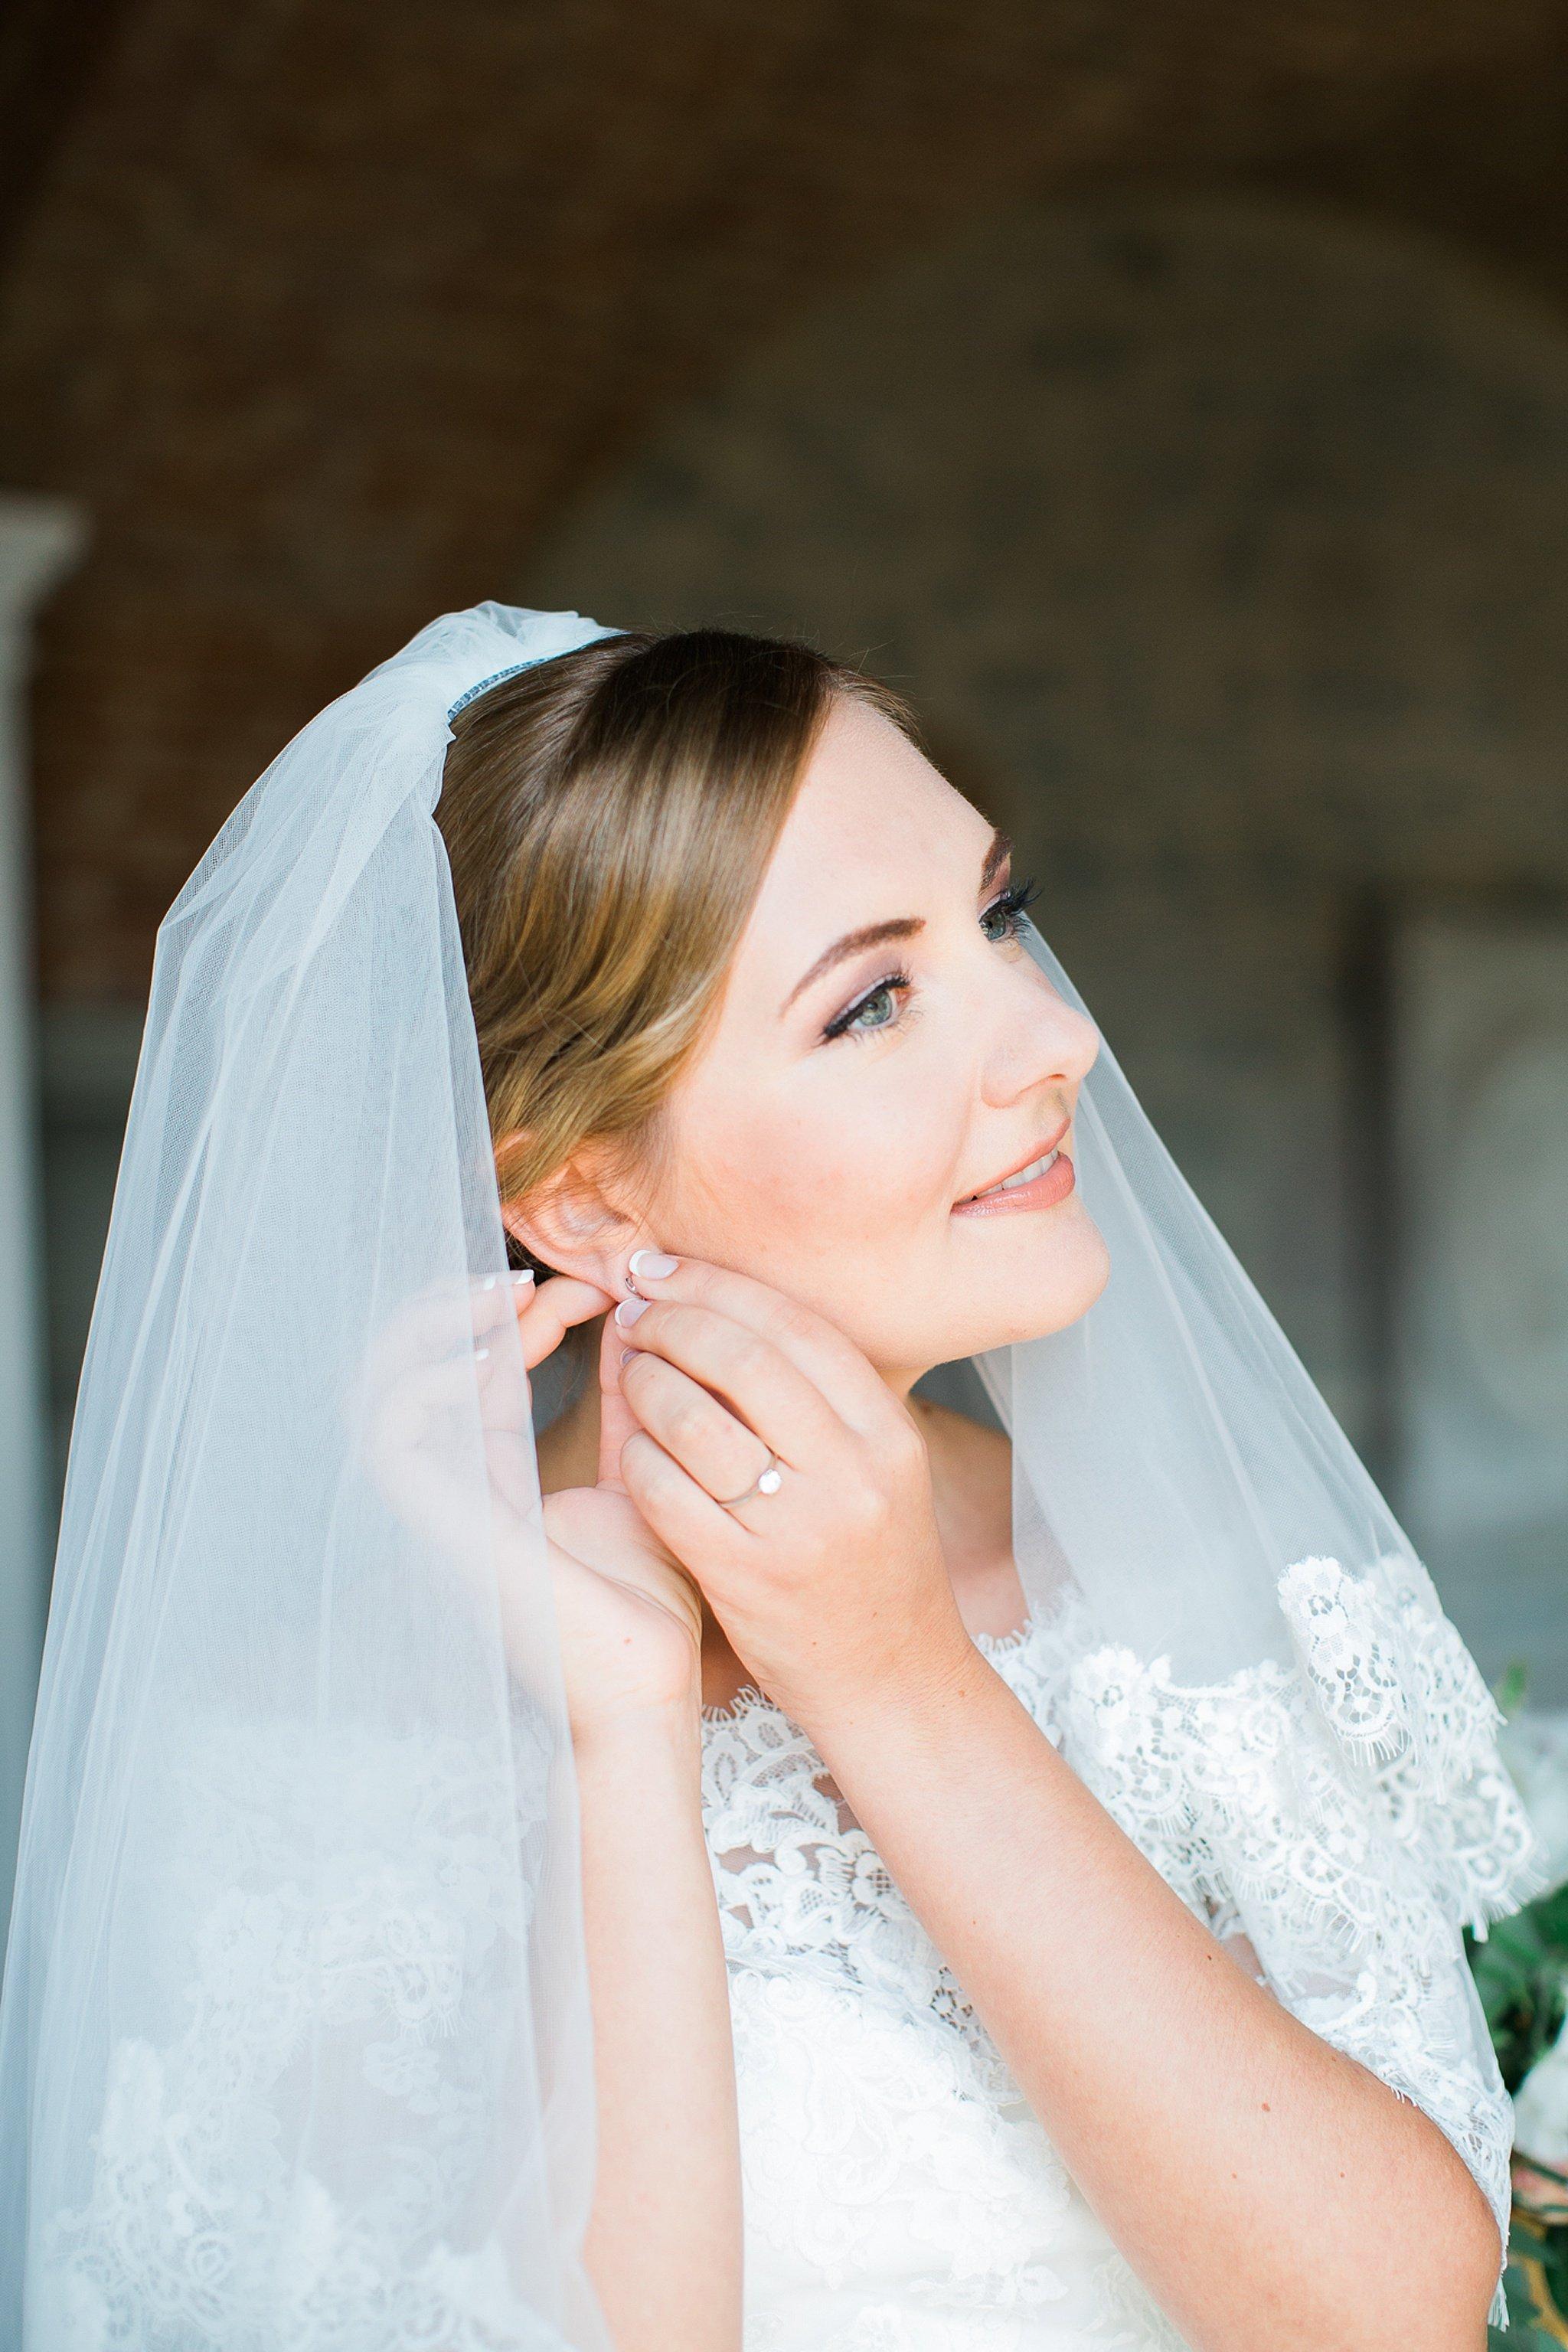 bride-putting-on-earrings